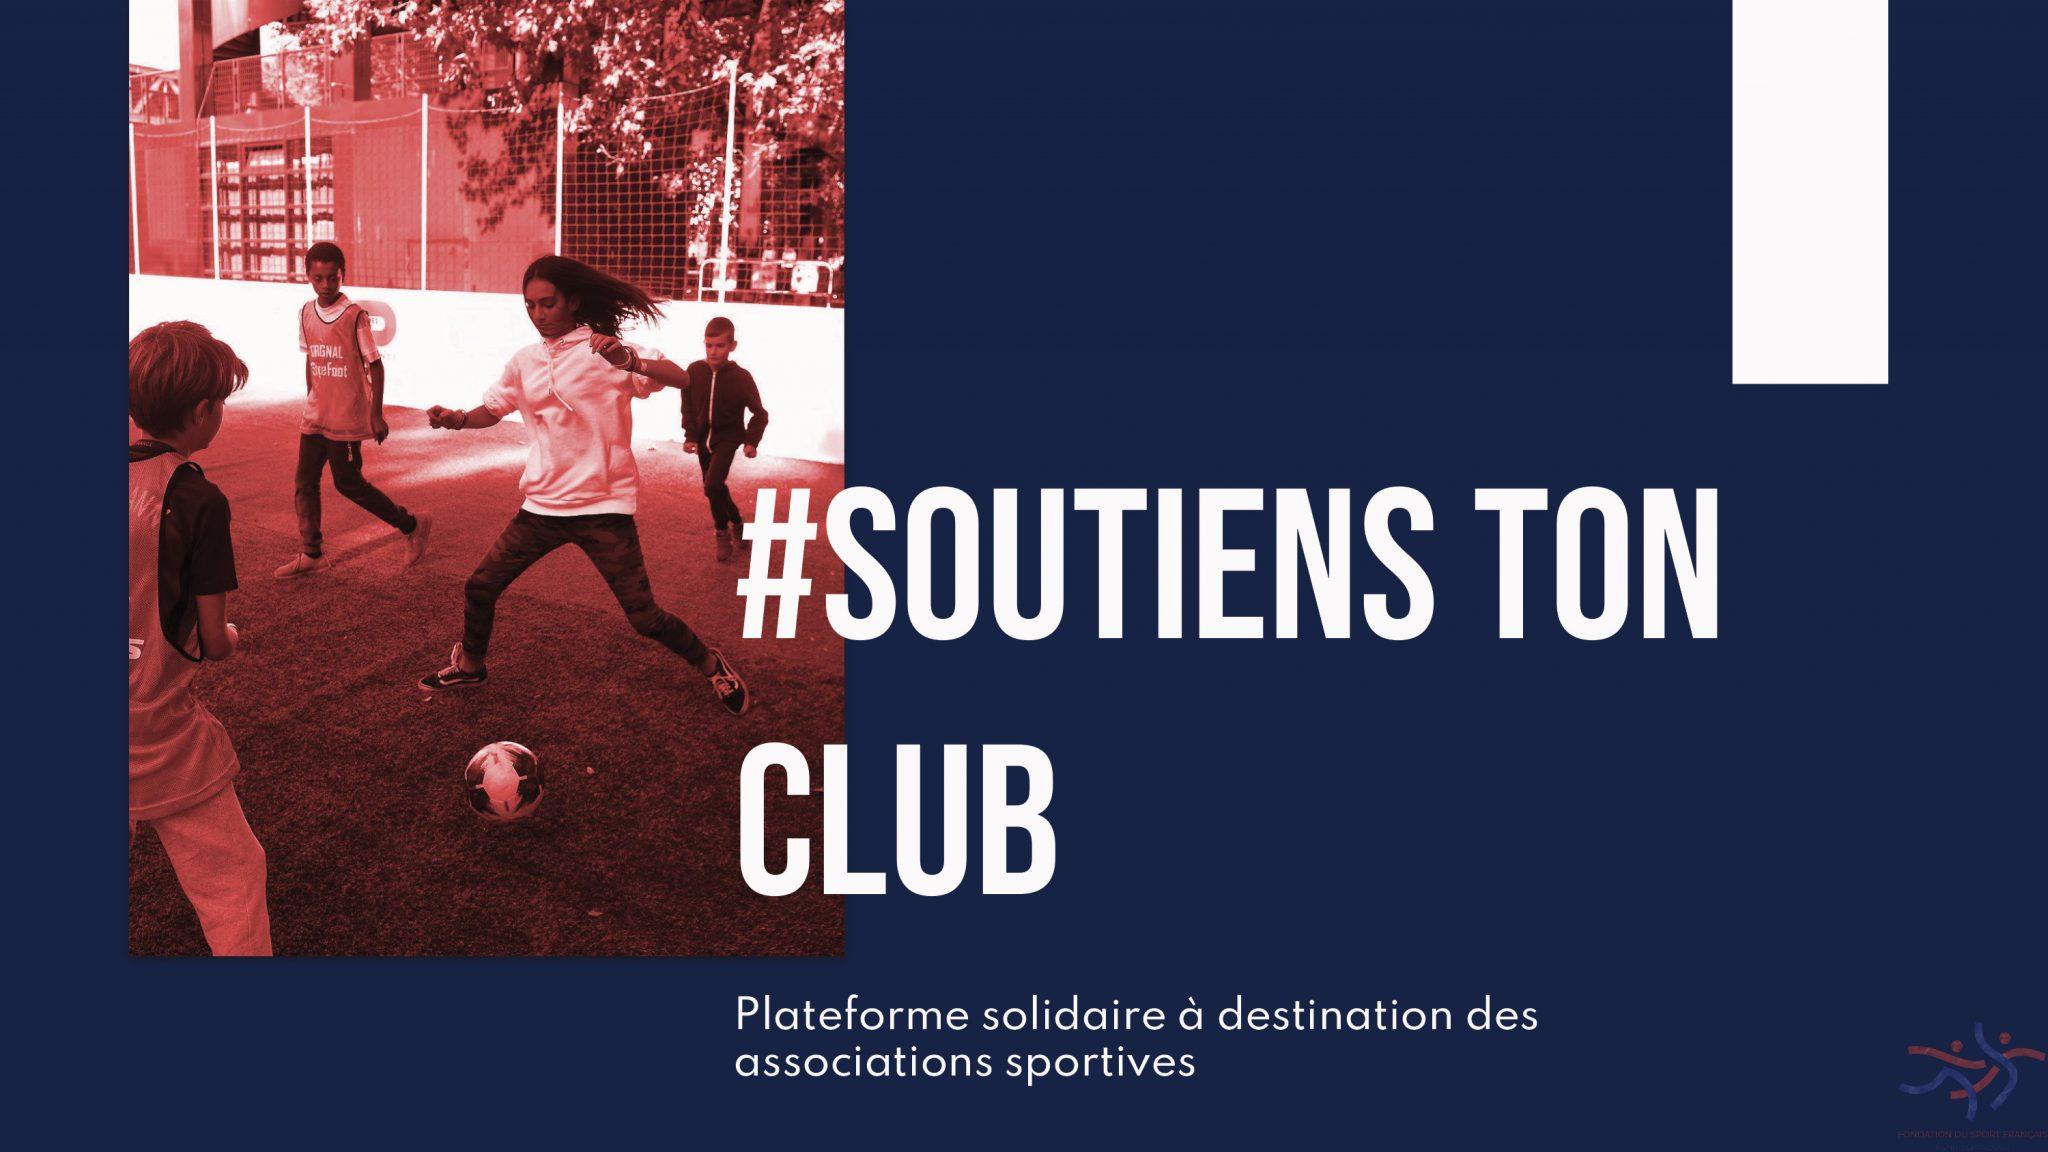 Présentation-SOUTIENS-TON-CLUB-fédératio